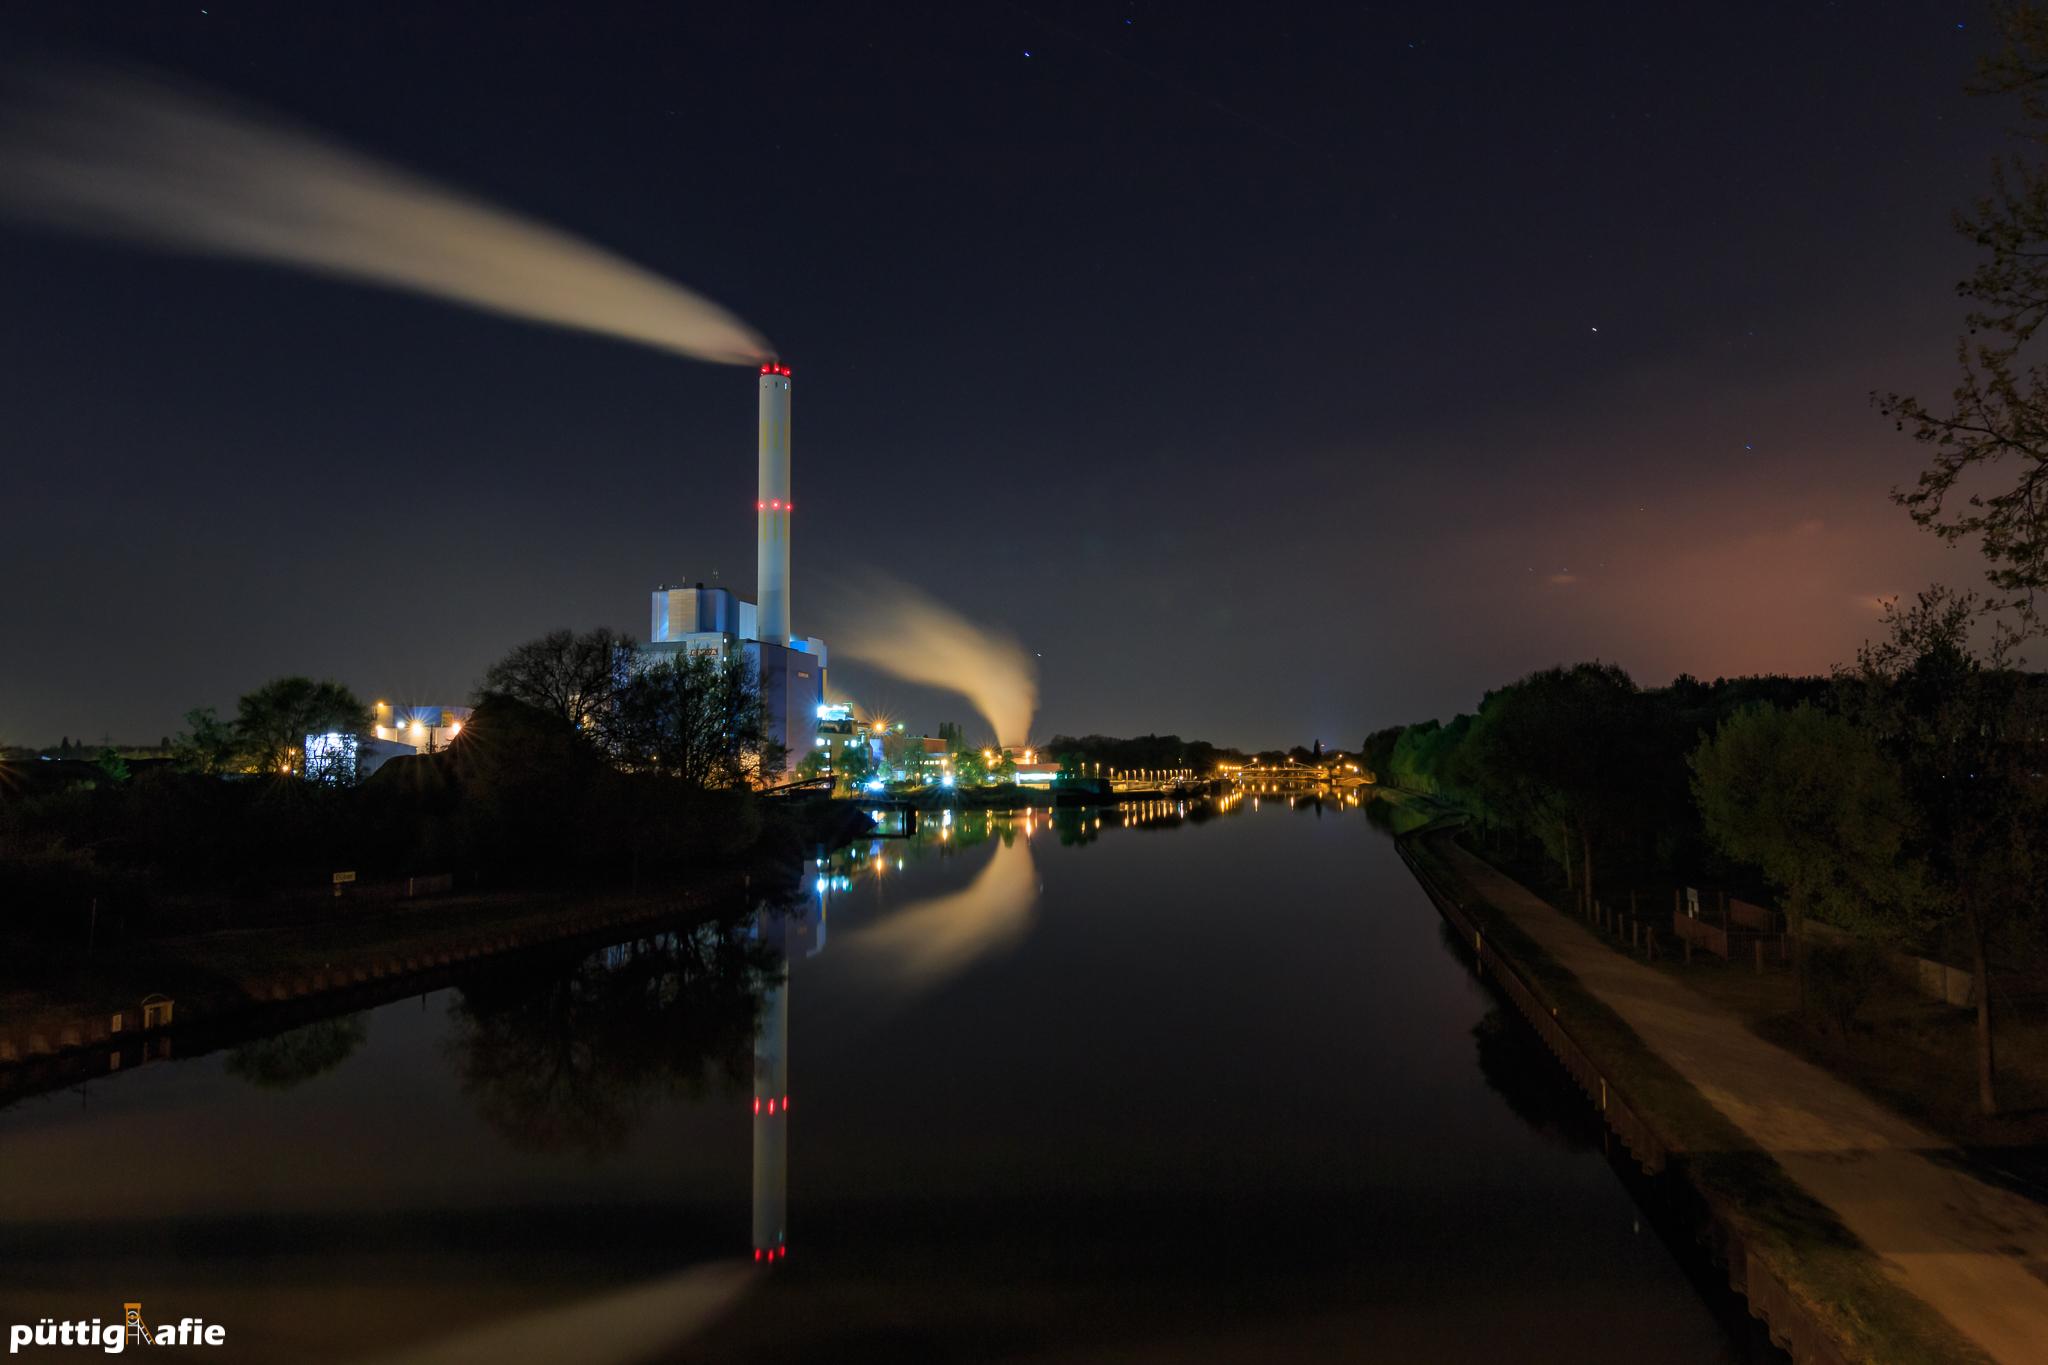 Müllverbrennungsanlage Oberhausen, Germany